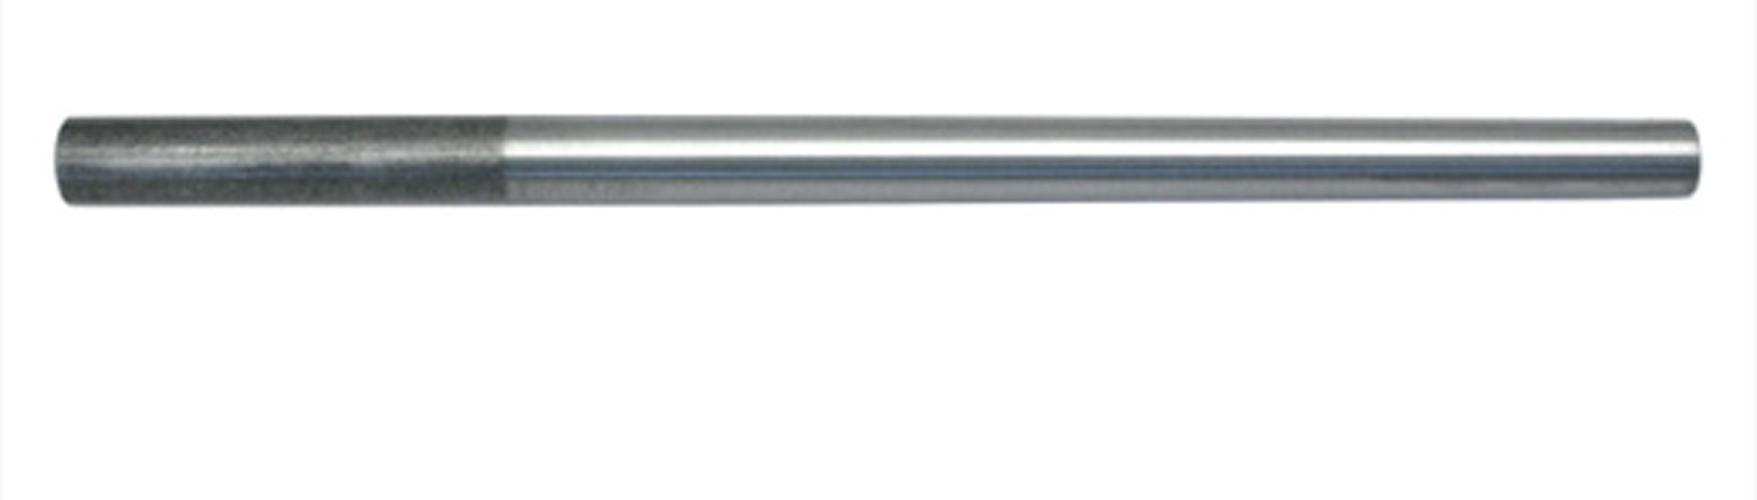 Ferree's Flute Head Mandrel